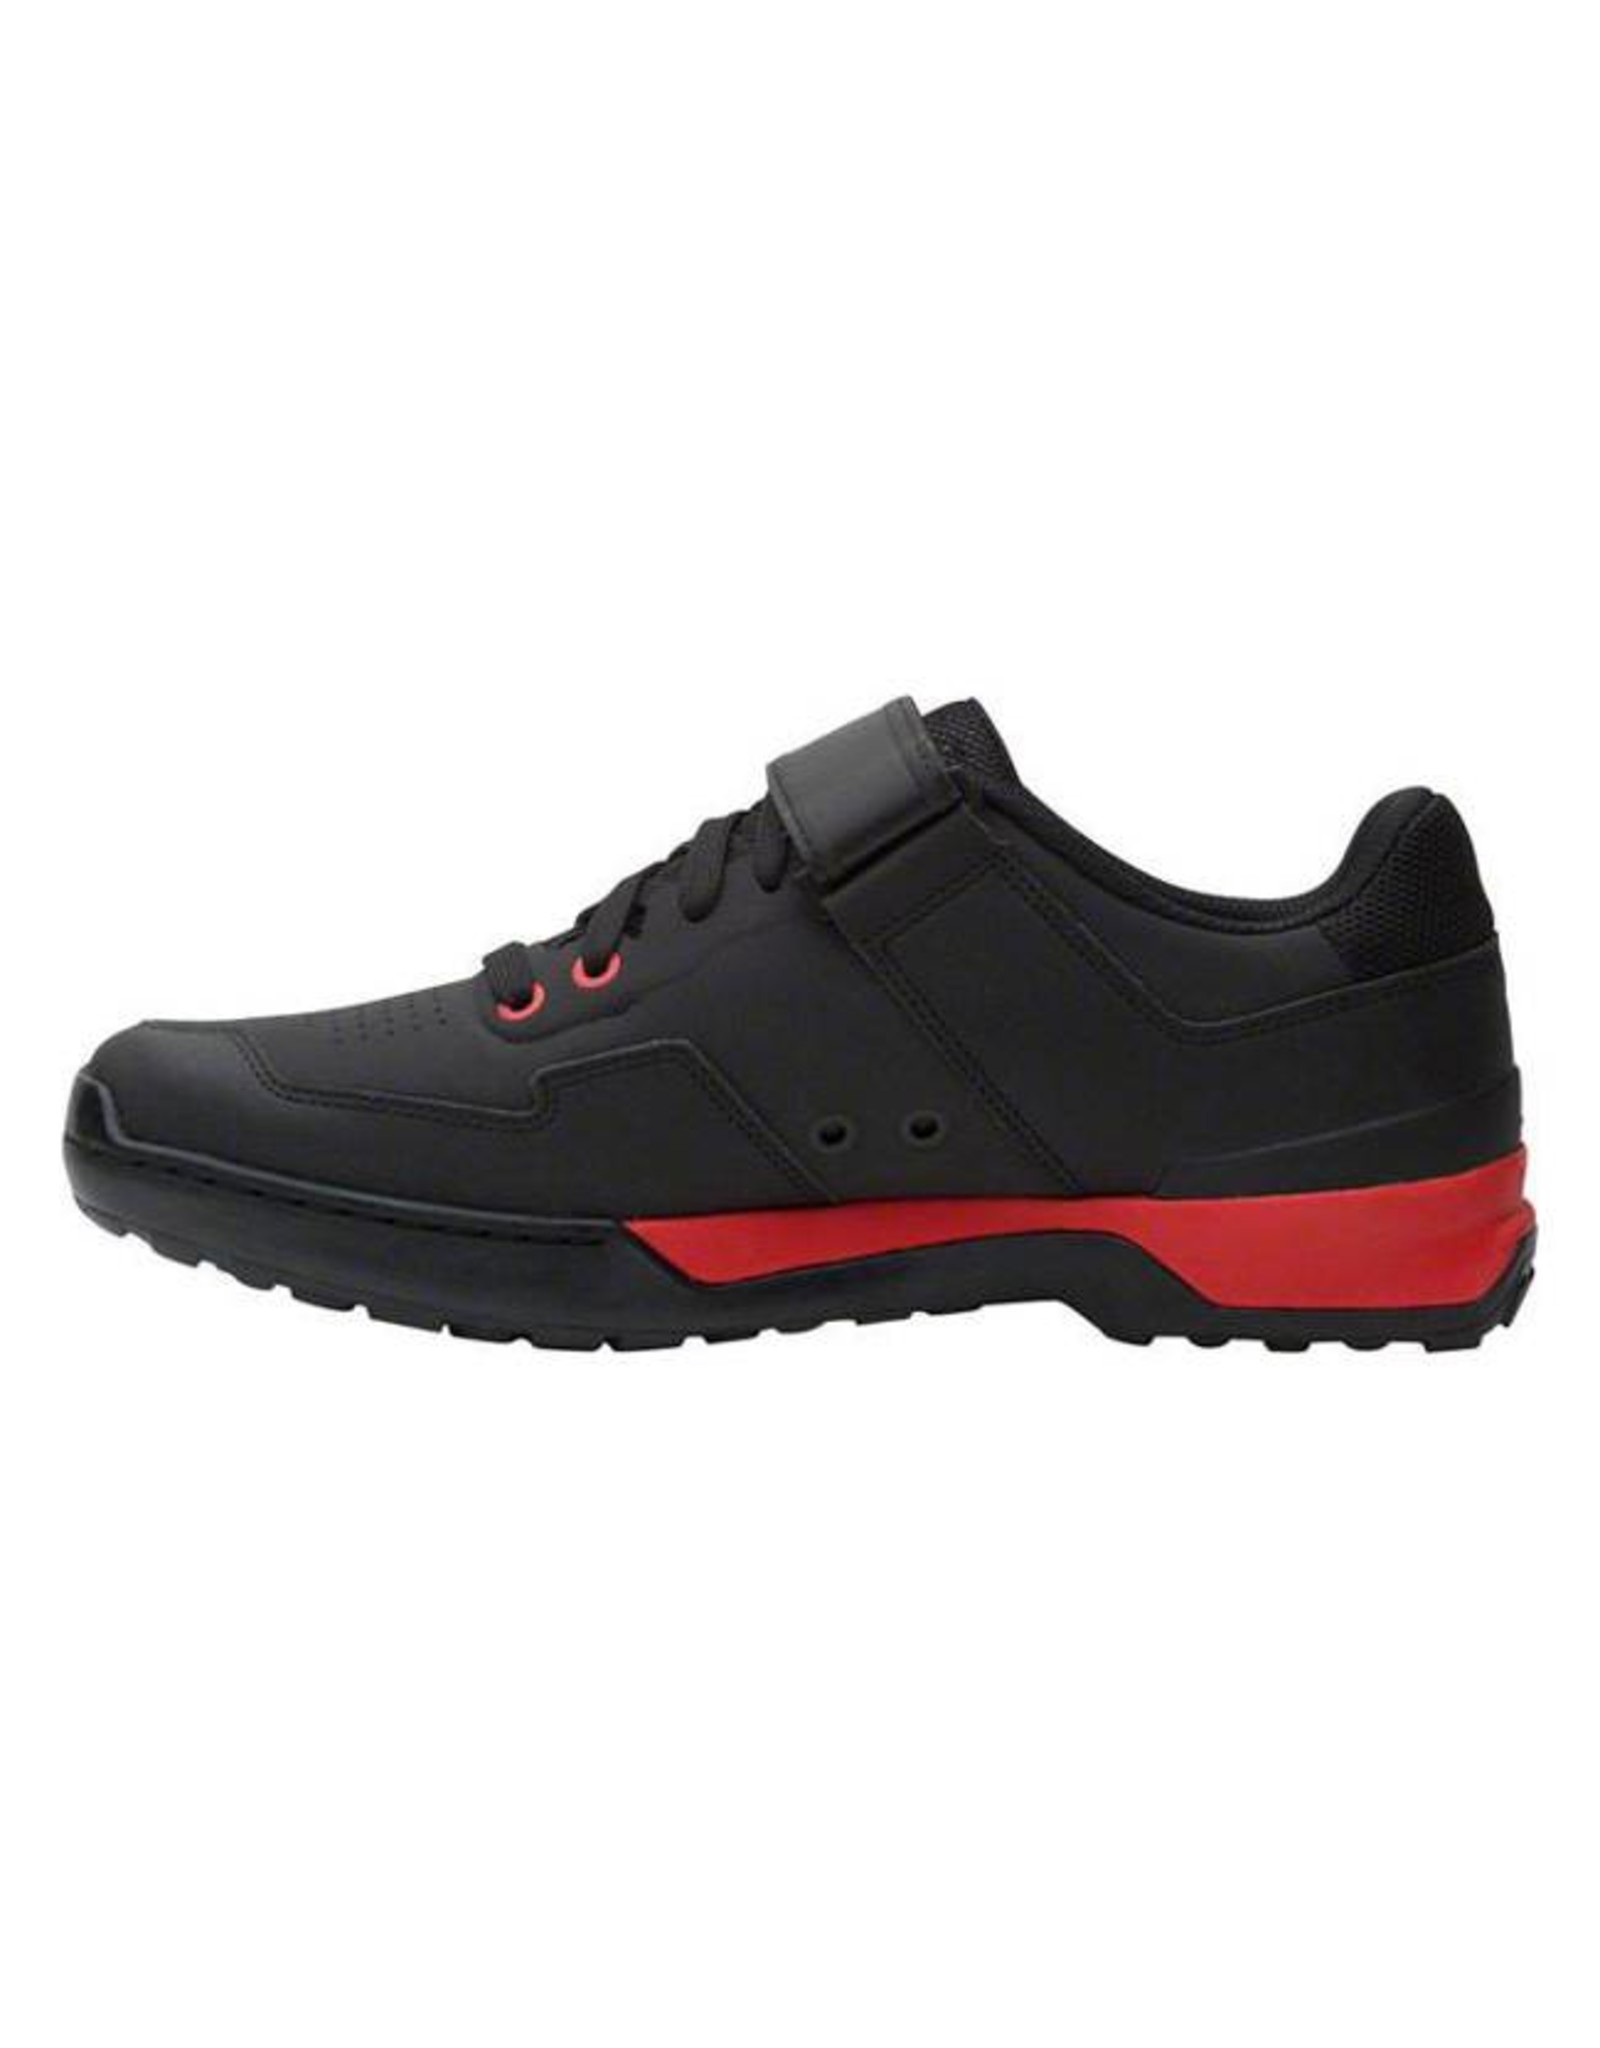 Five Ten Five Ten Kestrel Lace Men's Clipless Shoe: Black/Red 10